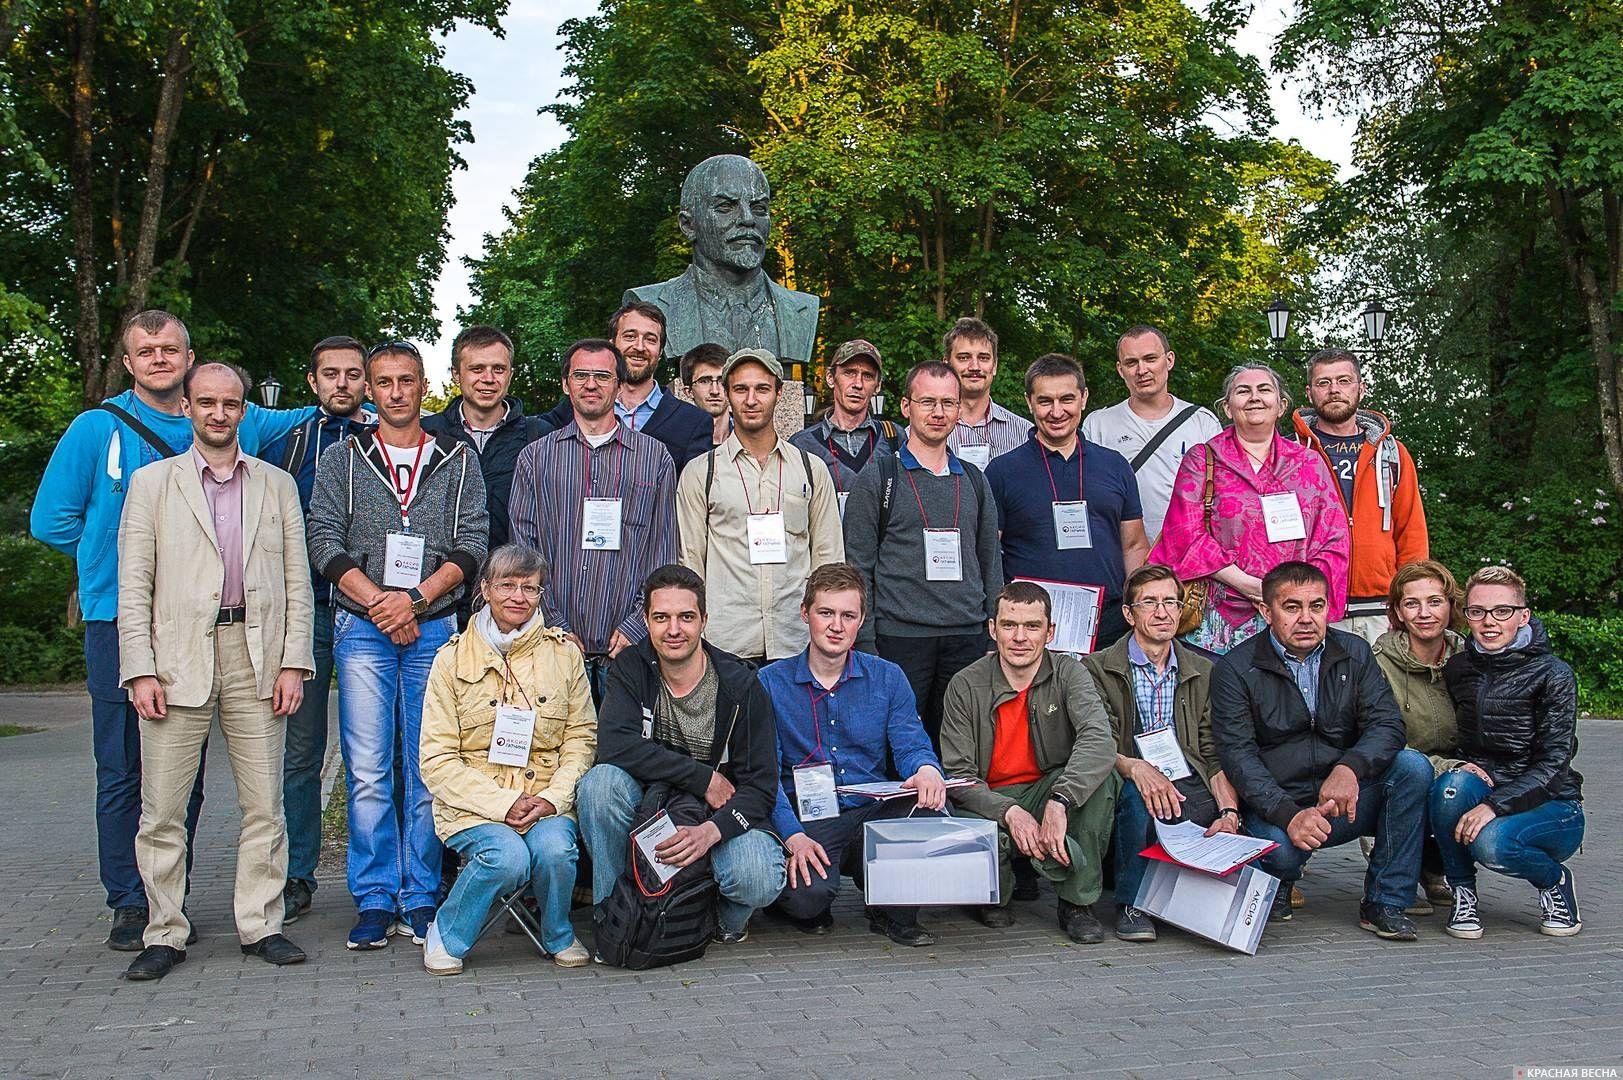 20180604_03-37-В Гатчине опросили 7,5 тыс. человек об их отношении к советским топонимам-pic2